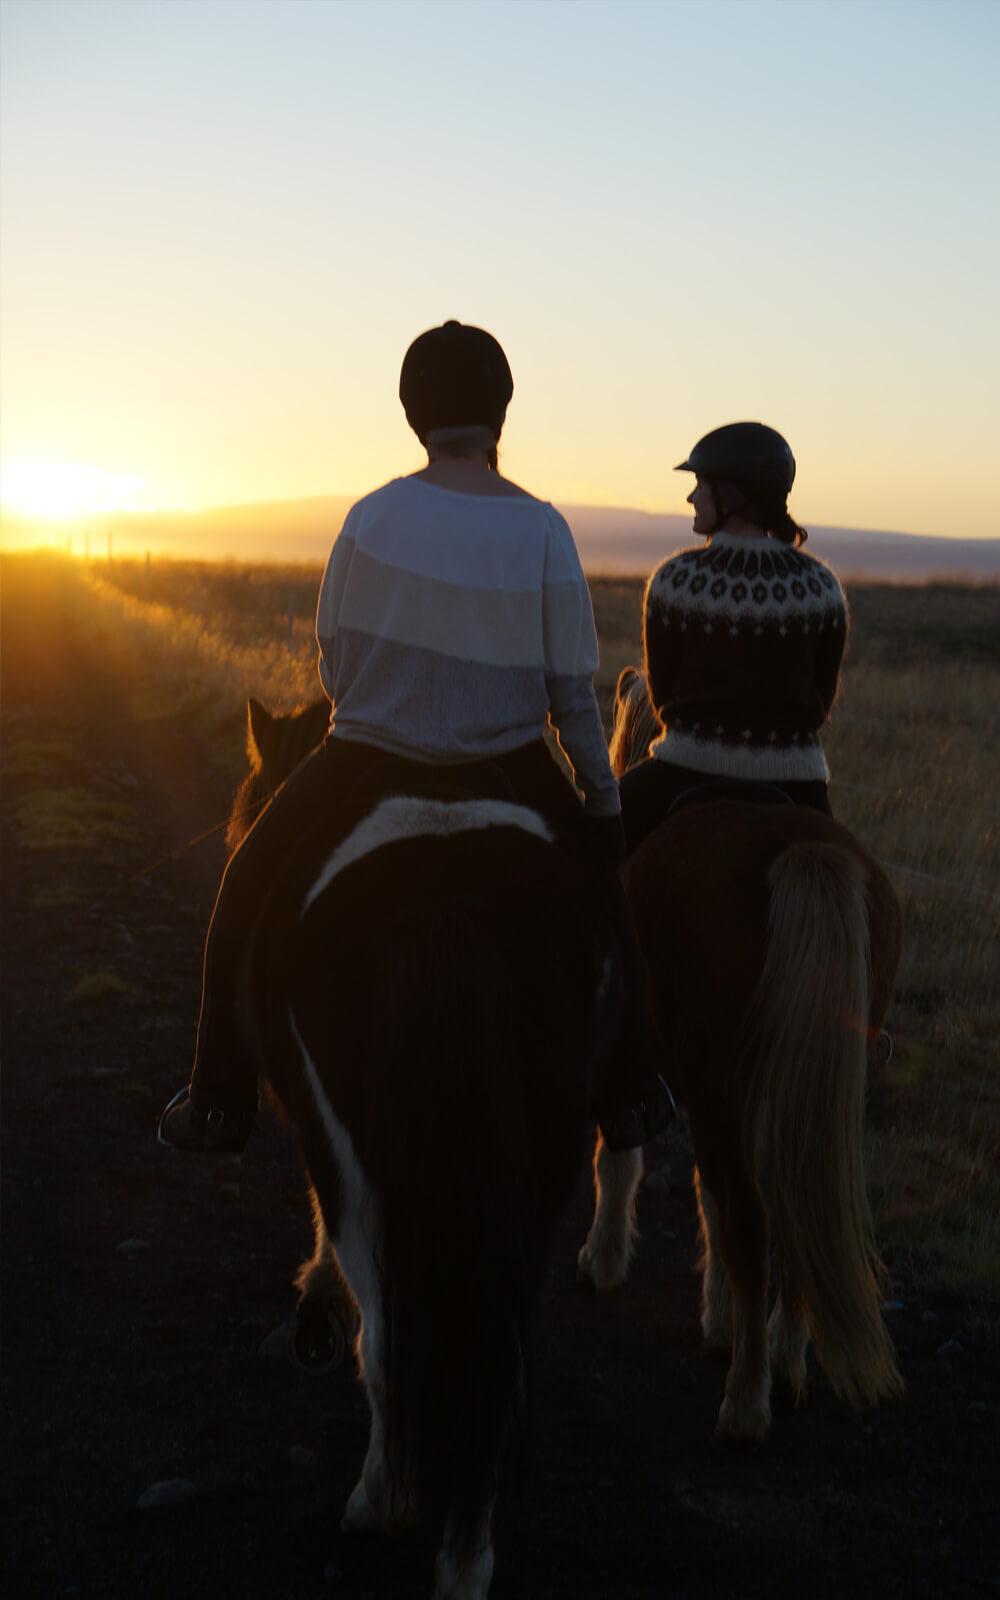 Zwei Reiter von hinten in Richtung Sonnenuntergang reitend